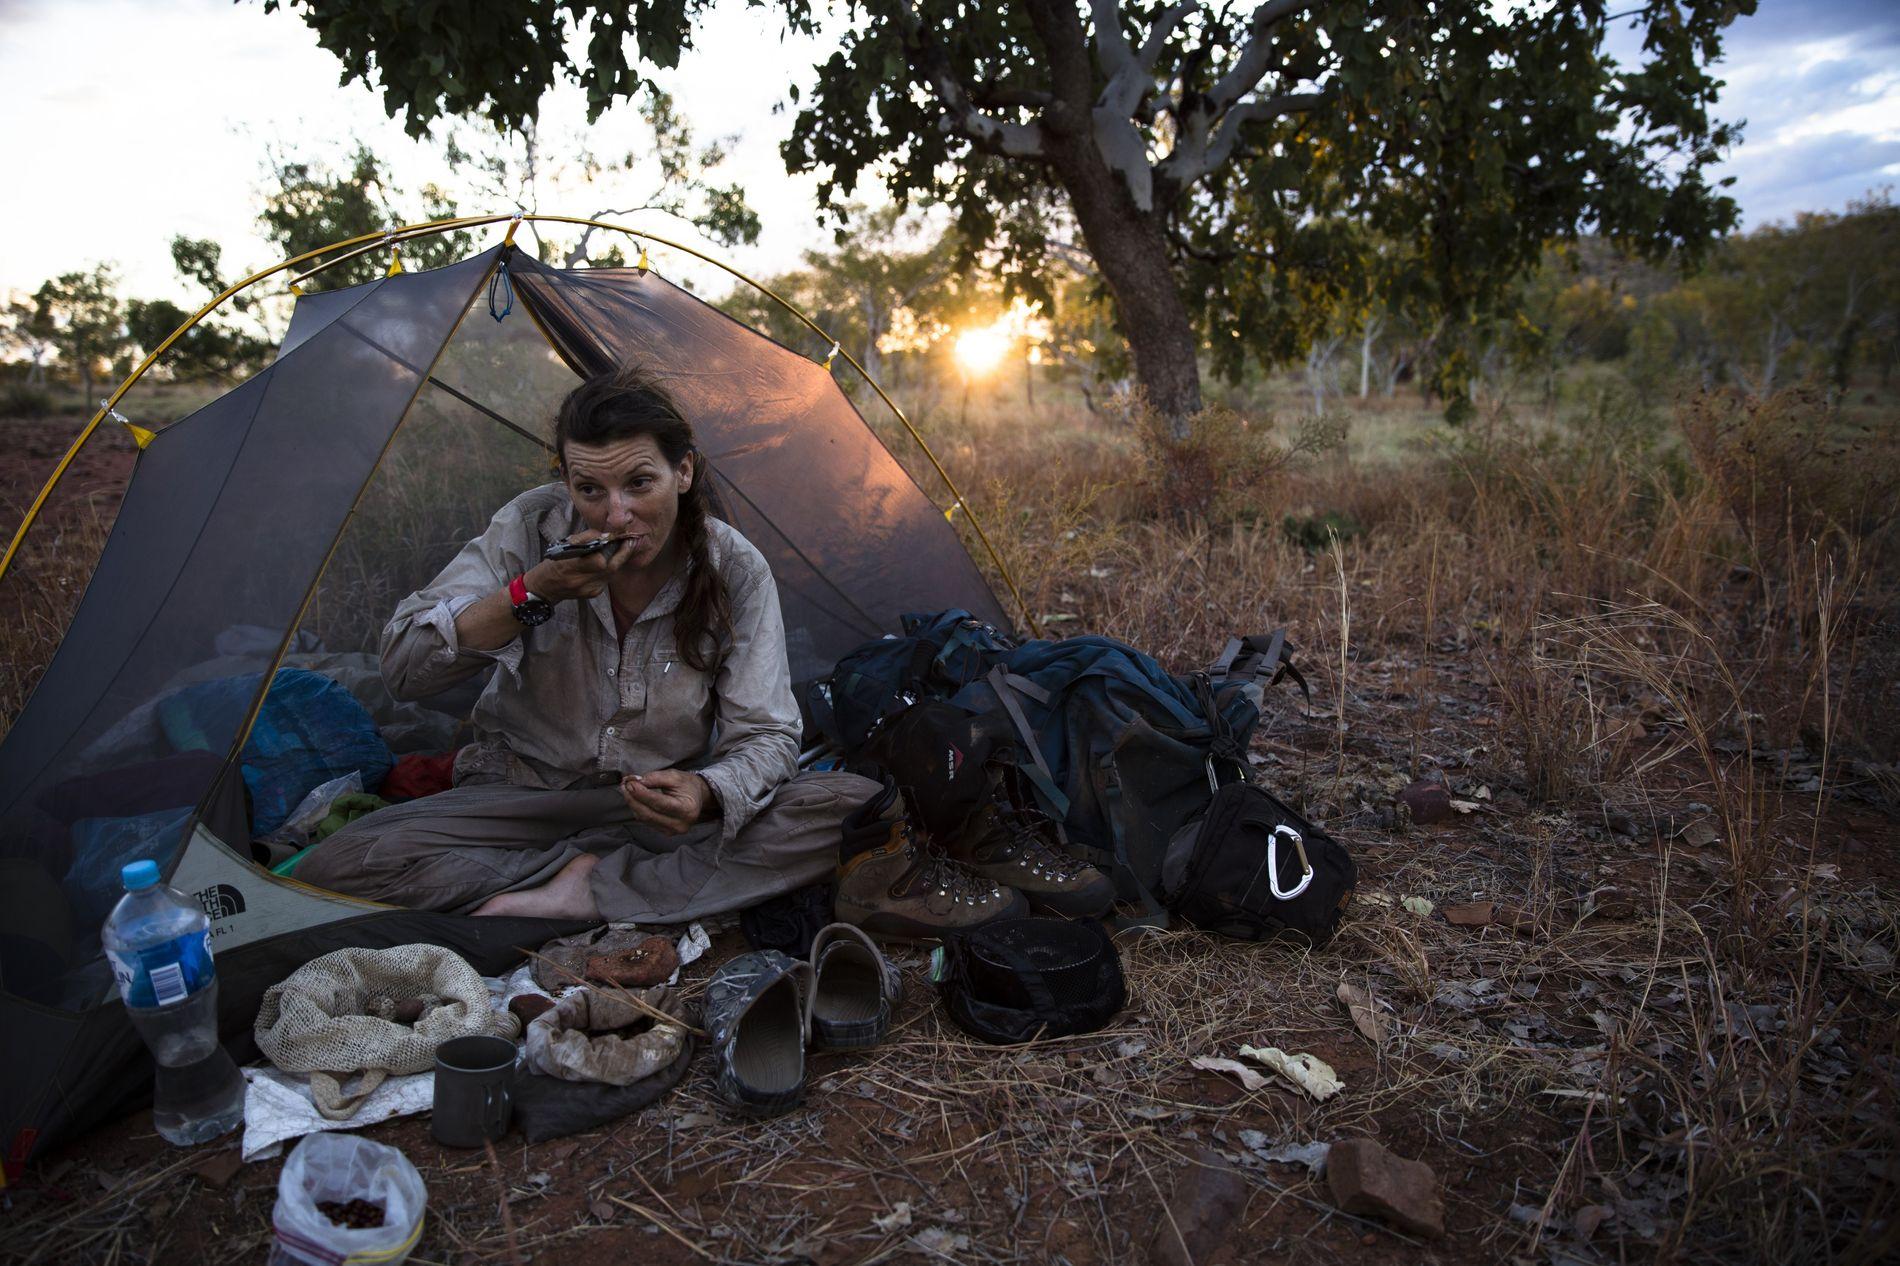 En 2015, Sarah Marquis traverse à pied le Kimberley, dans le nord de l'Australie-Occidentale, se nourrissant de ce qu'elle trouve dans ce milieu hostile.